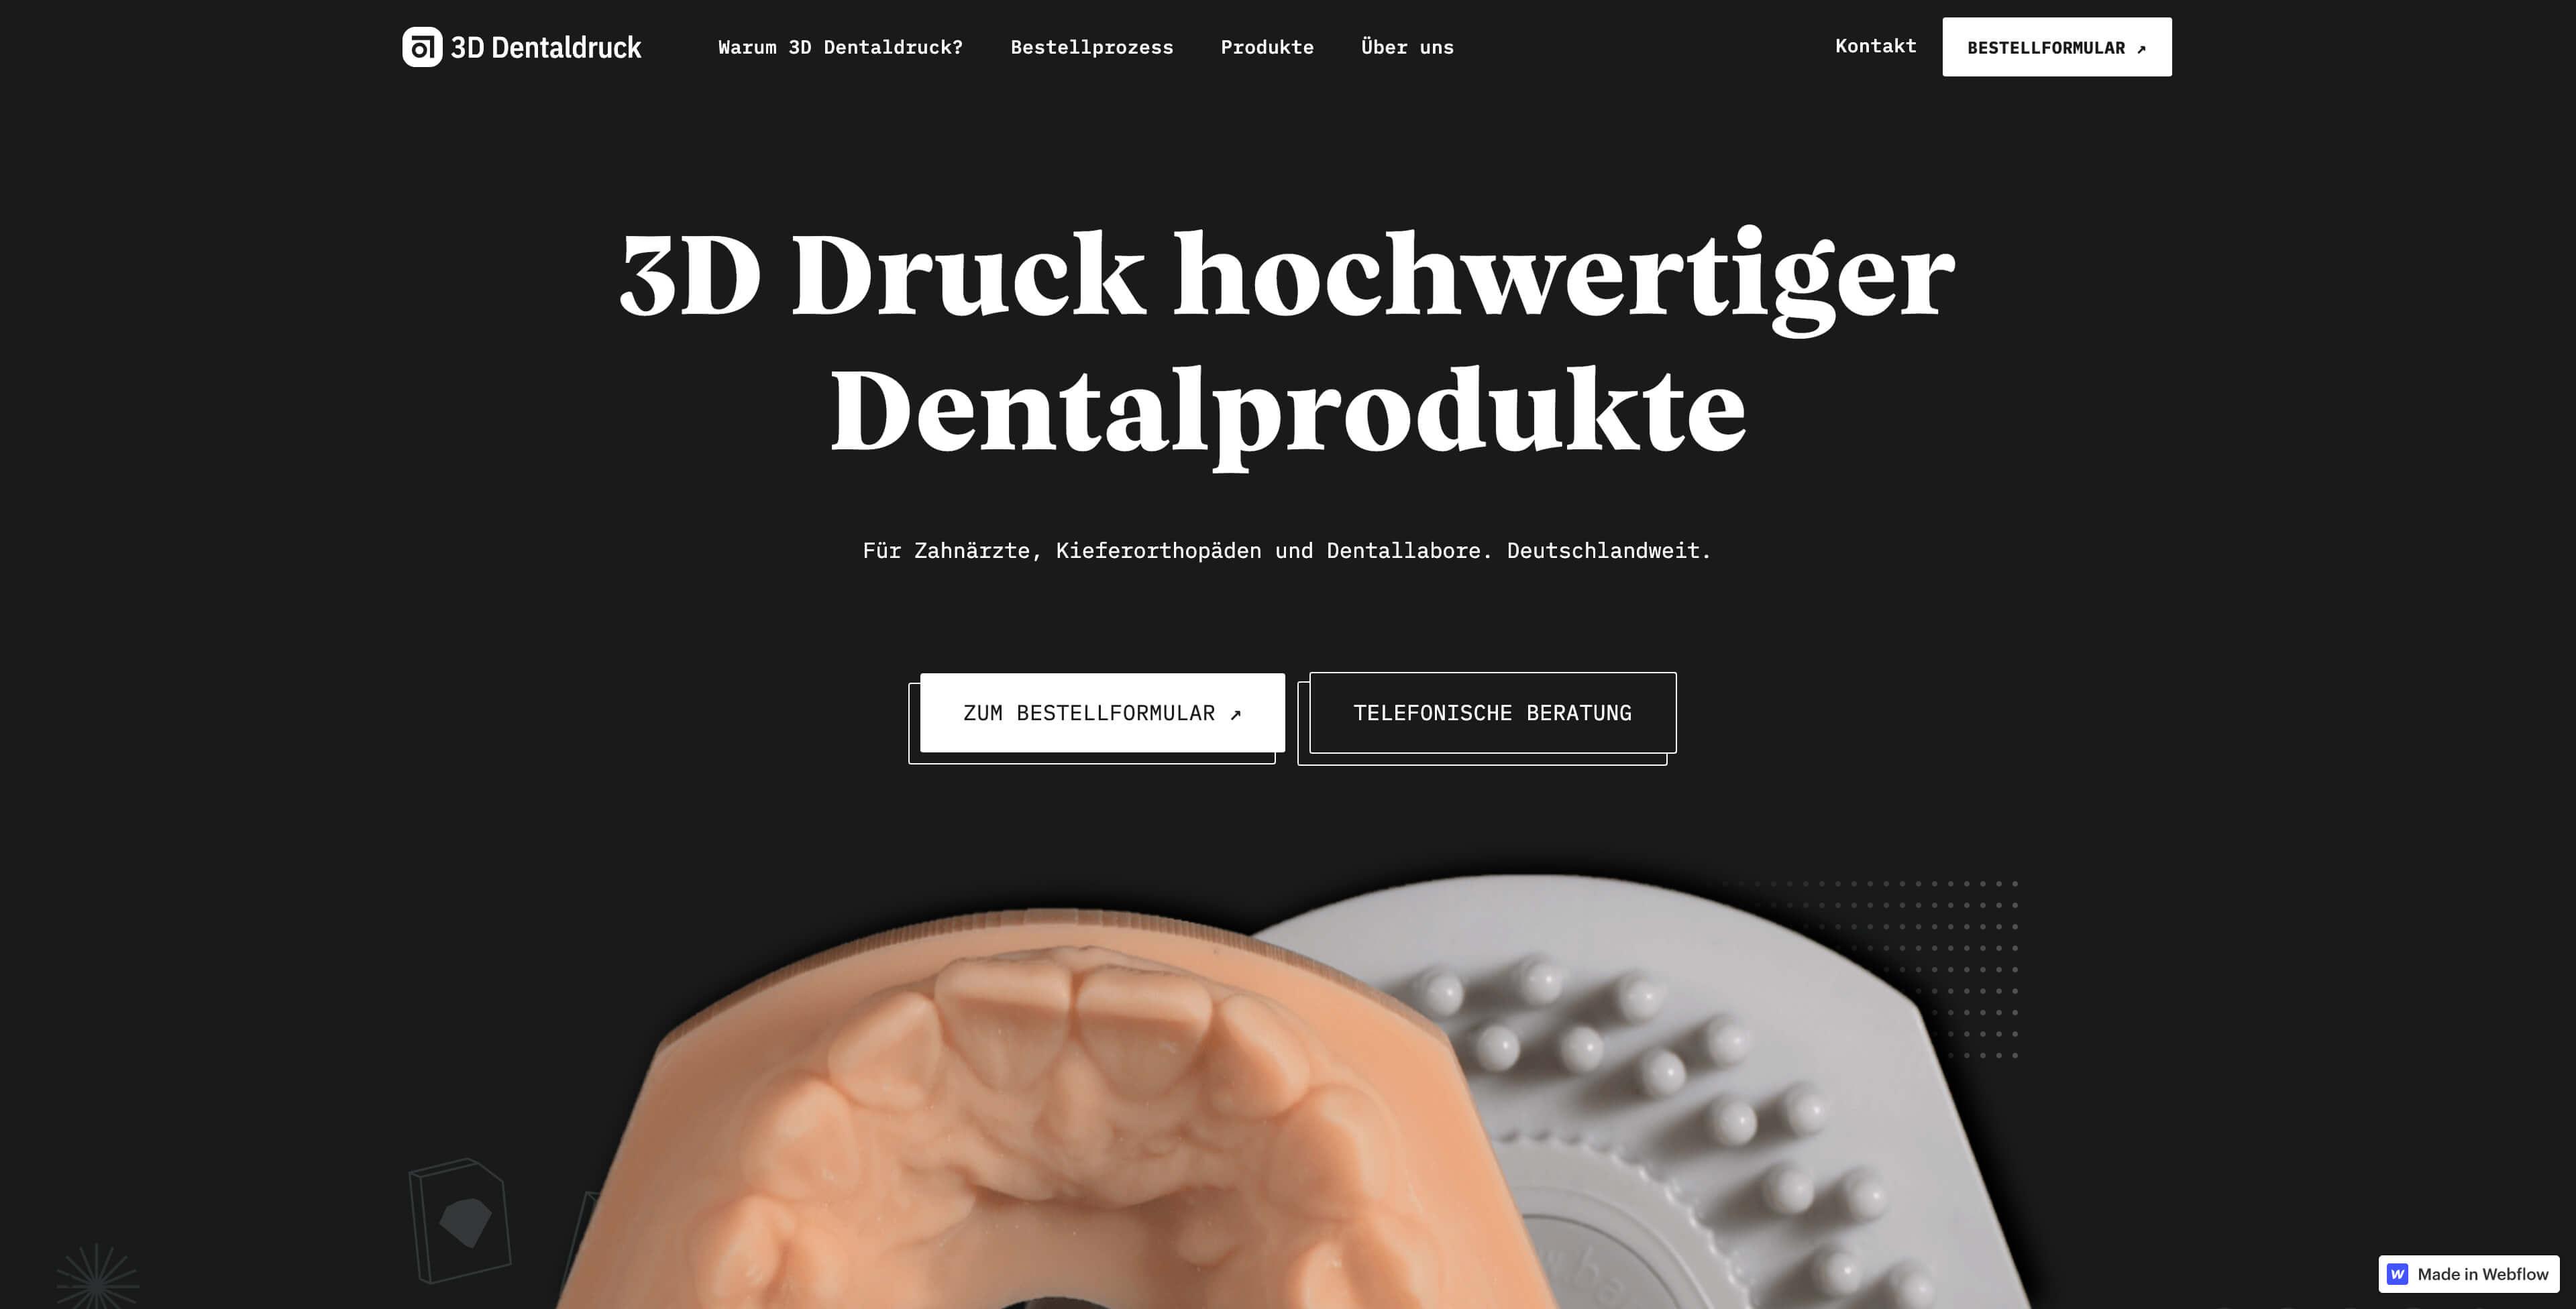 Bild der Landingpage von 3D Dentaldruck erstellt von Hofling - Studio für Webdesign